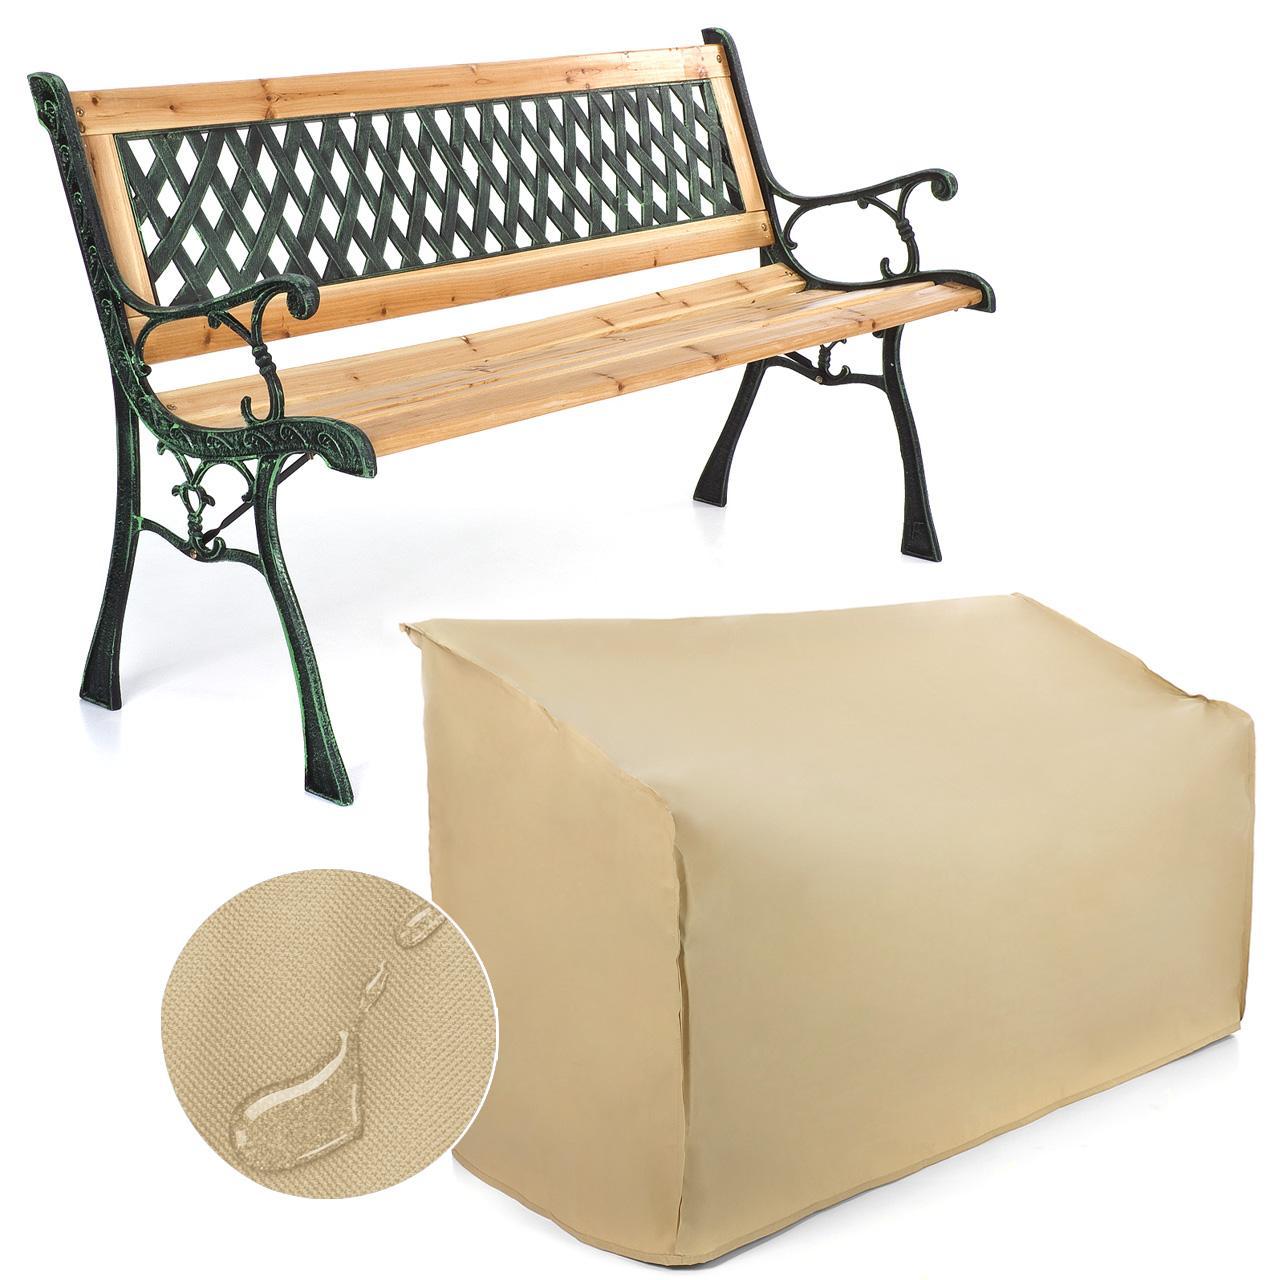 gartenbank sitzbank holzbank bank parkbank hartholz. Black Bedroom Furniture Sets. Home Design Ideas